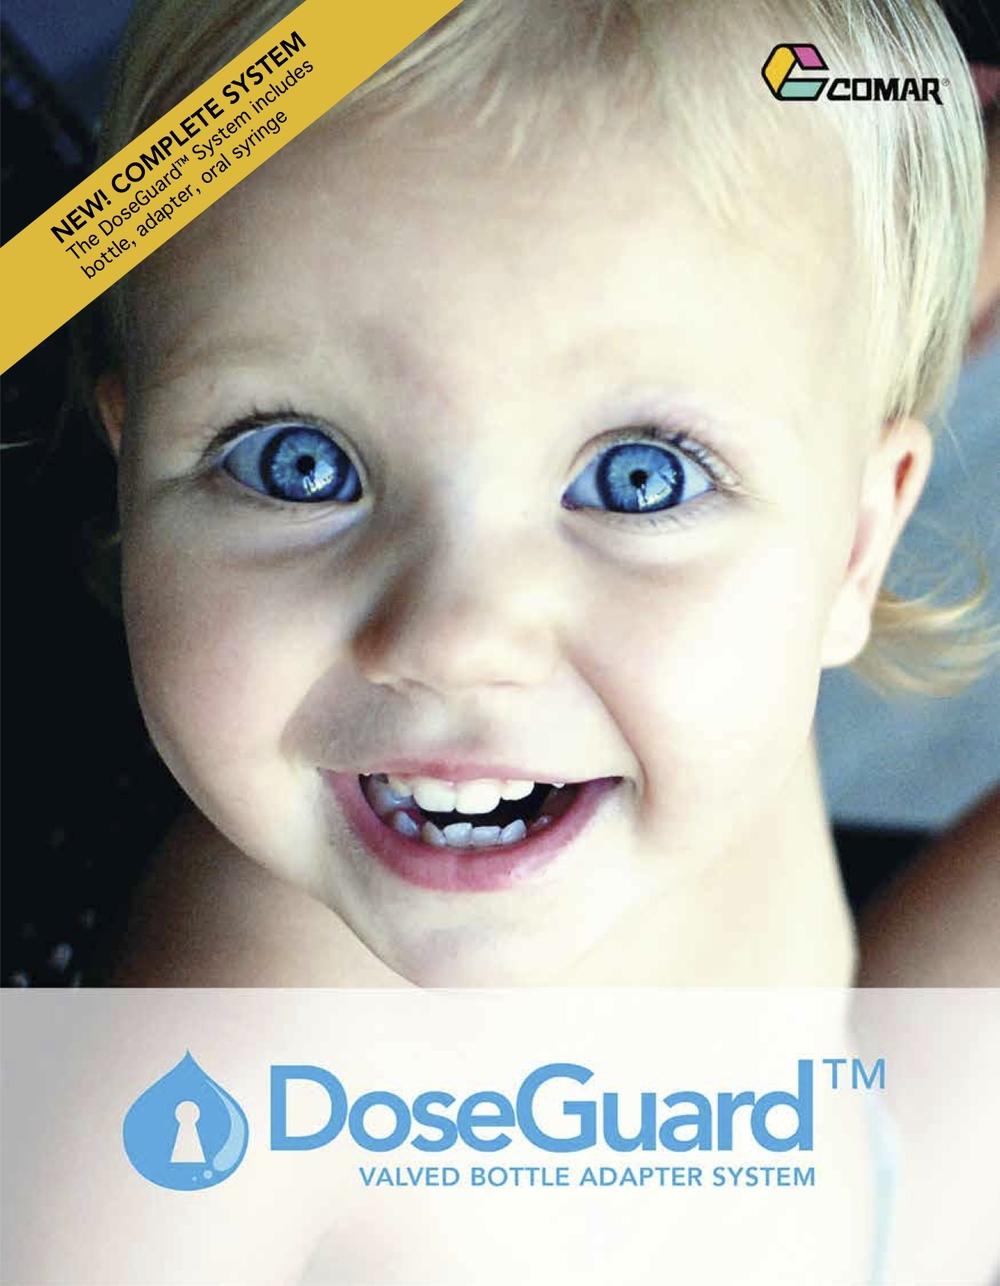 Comar DoseGuard™ Sales Literature